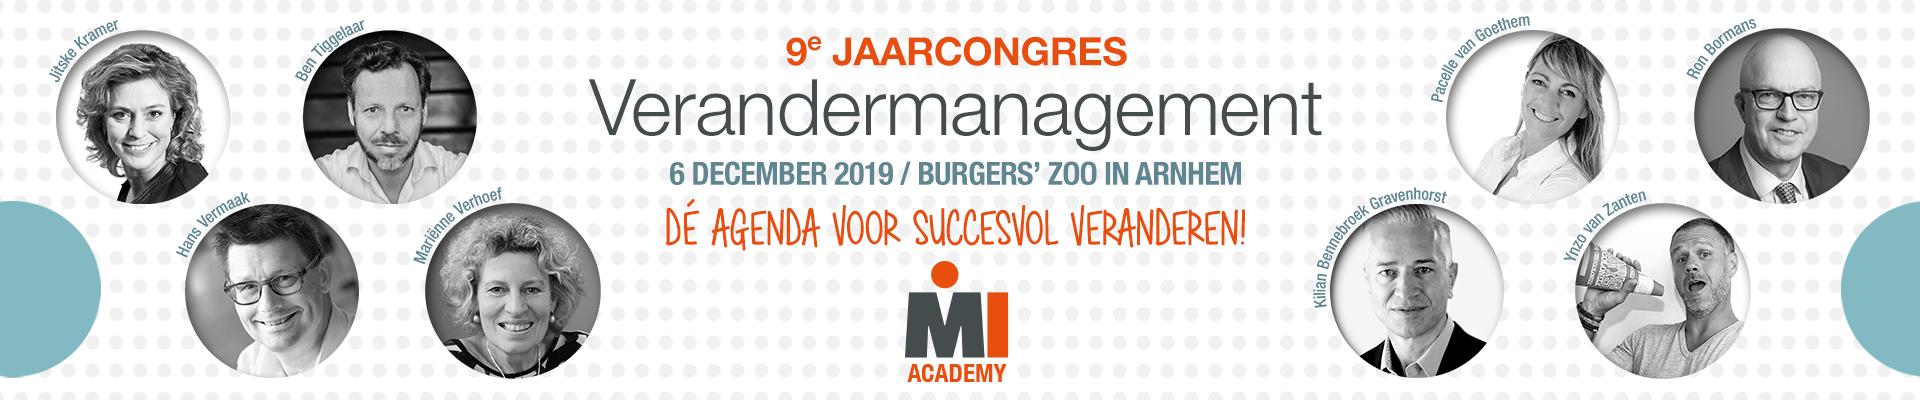 Jaarcongres Verandermanagement 2019